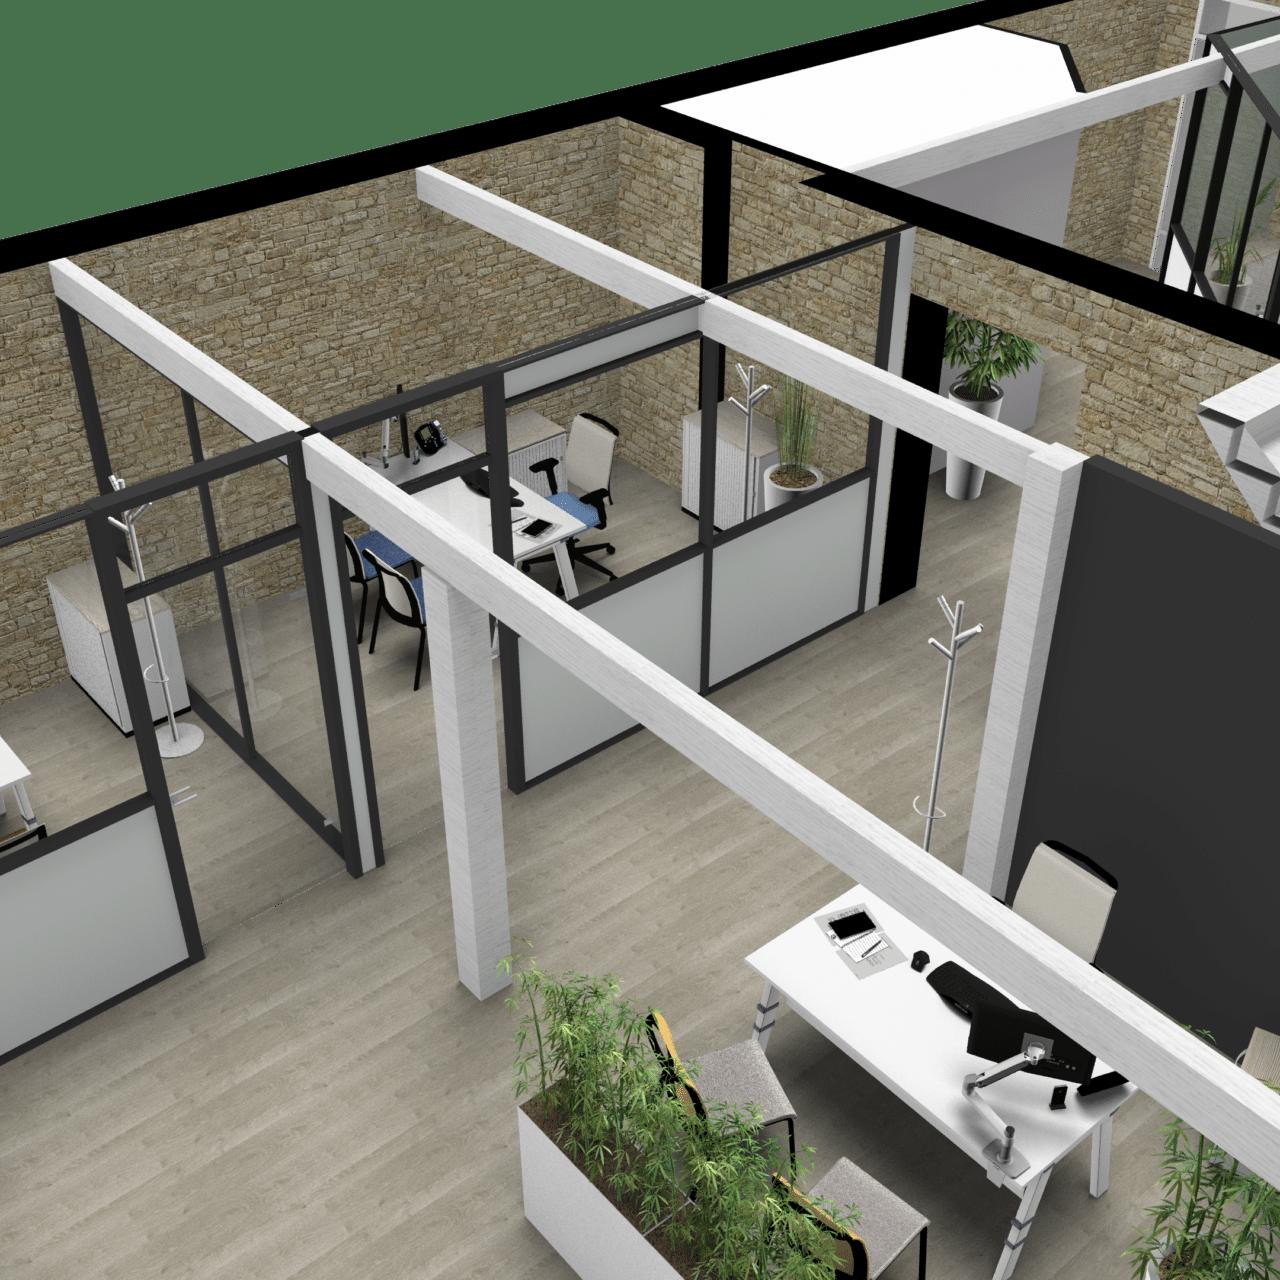 https://www.atrium-sa.com/wp-content/uploads/2020/09/Plan-3D-1-1280x1280.png